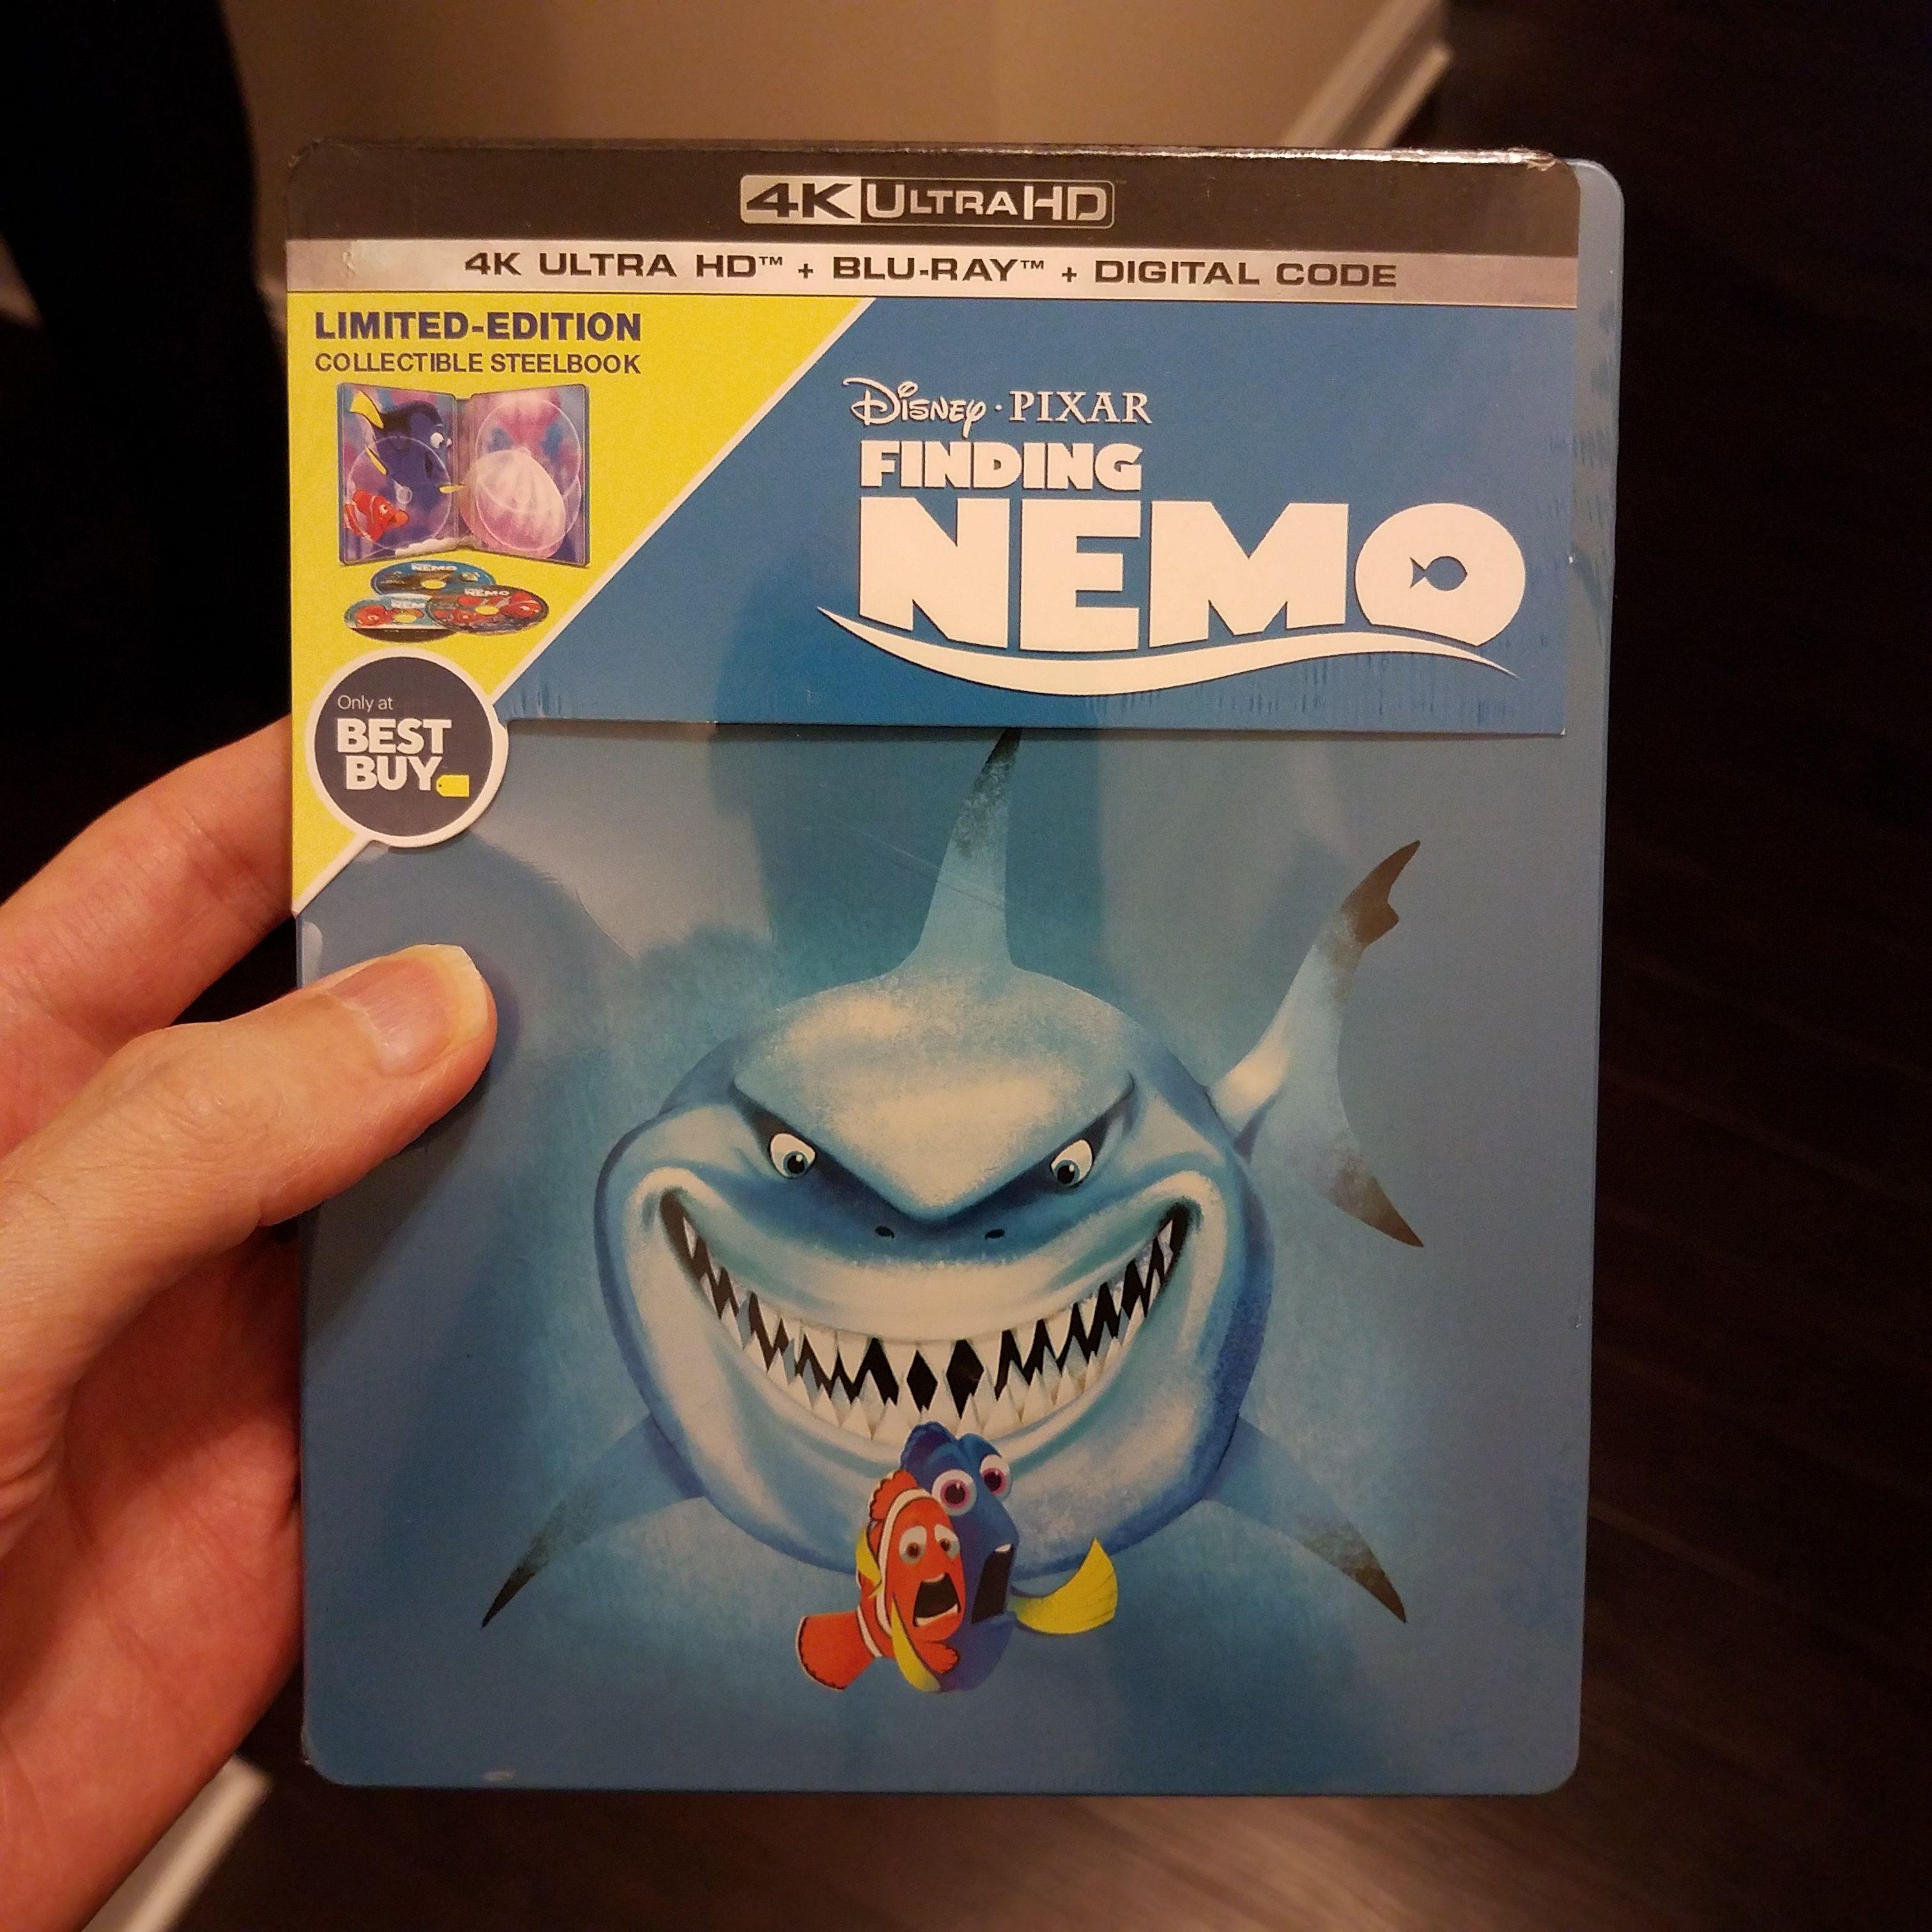 Finding Nemo Steelbook 4k Ultra Hd Blu Ray